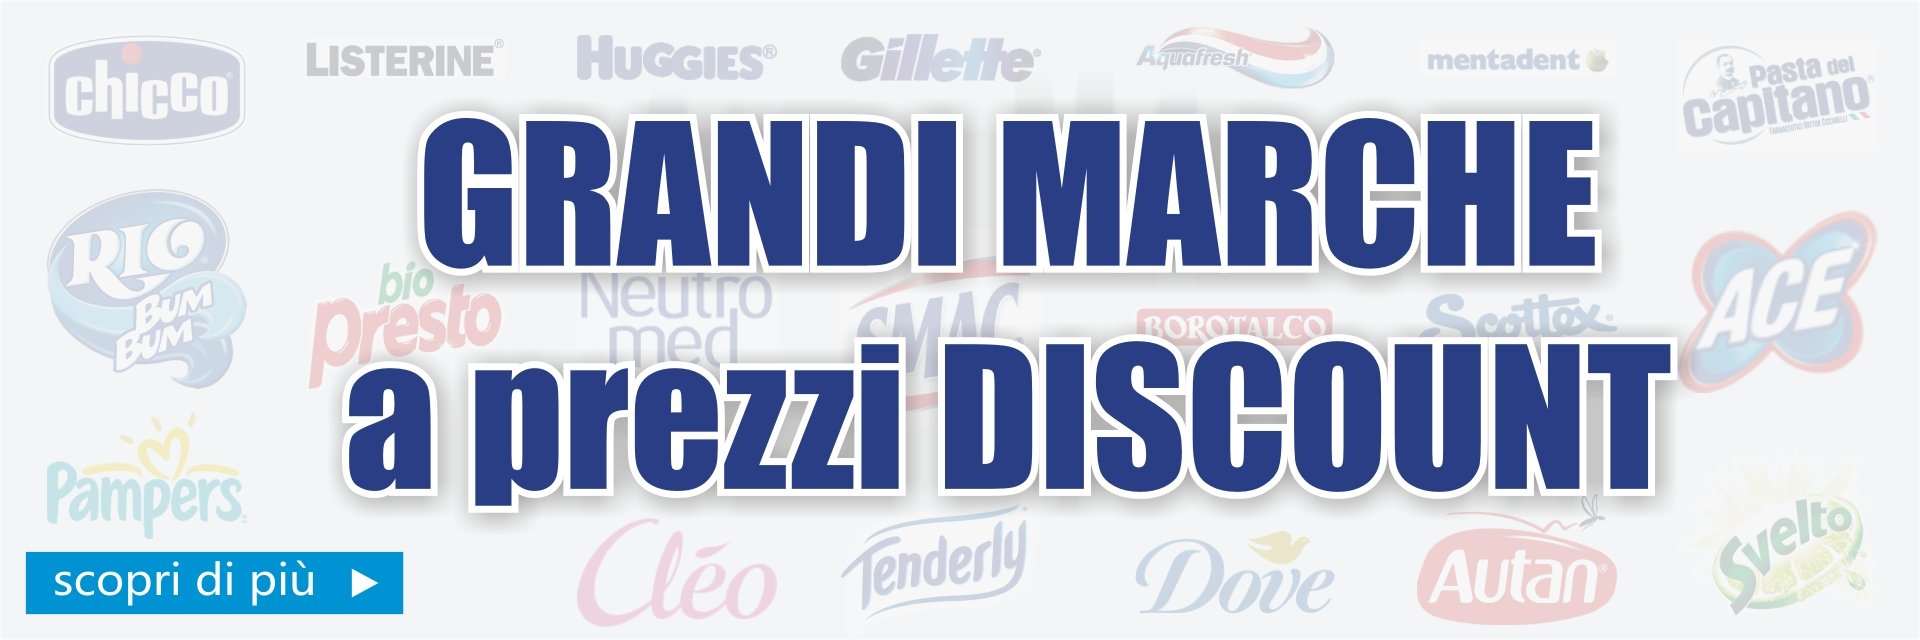 Grandi Marche a Prezzi Discount